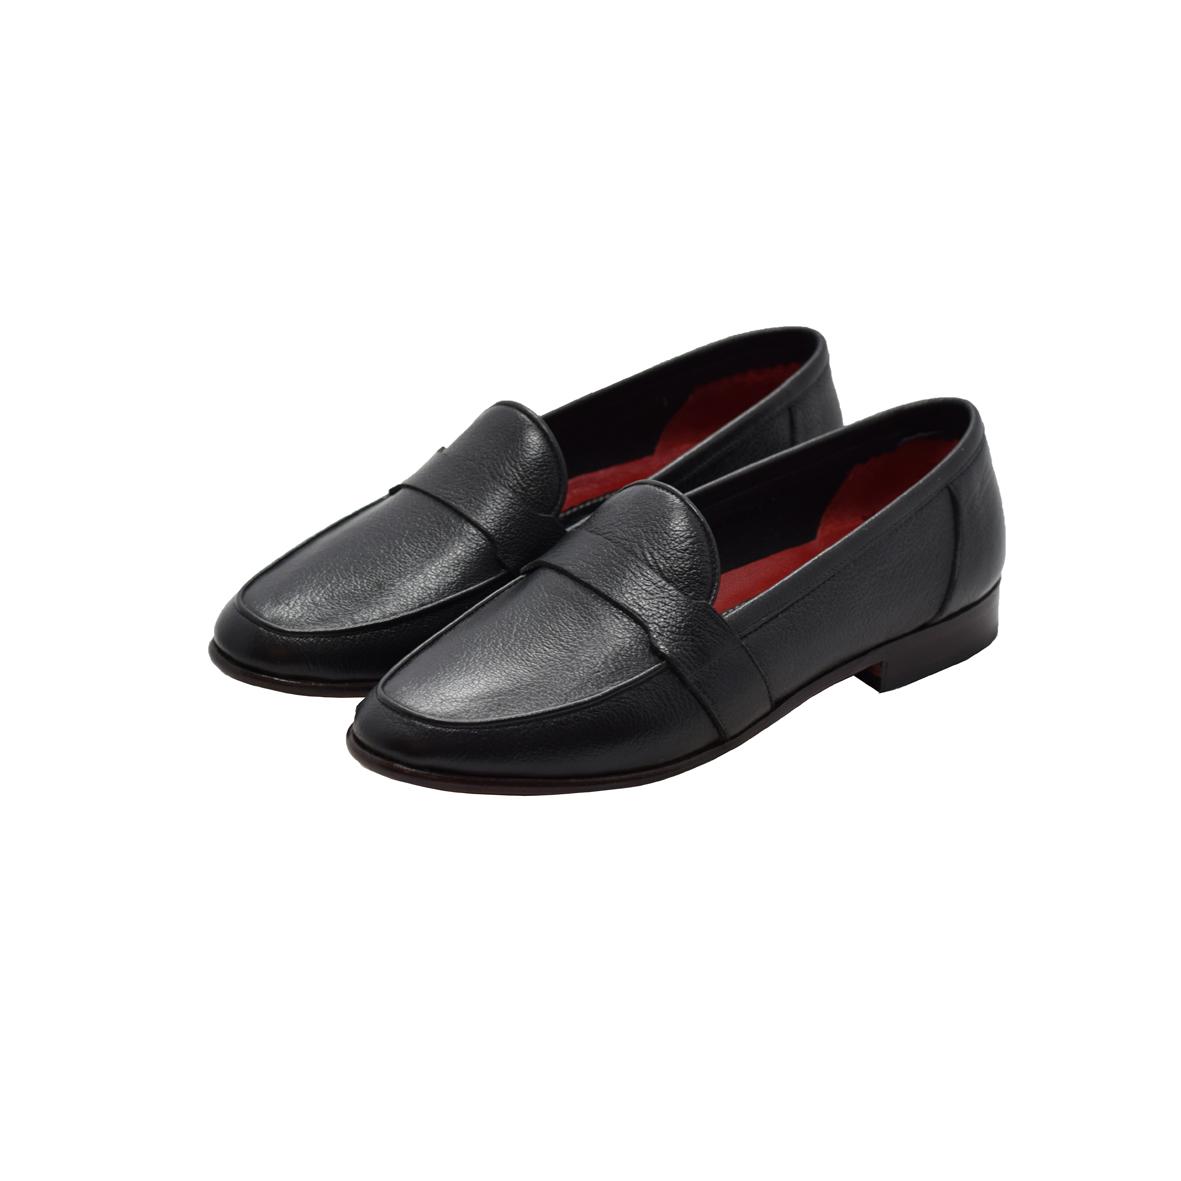 کفش زنانه دگرمان مدل فرین کد deg.1505-601 -  - 2